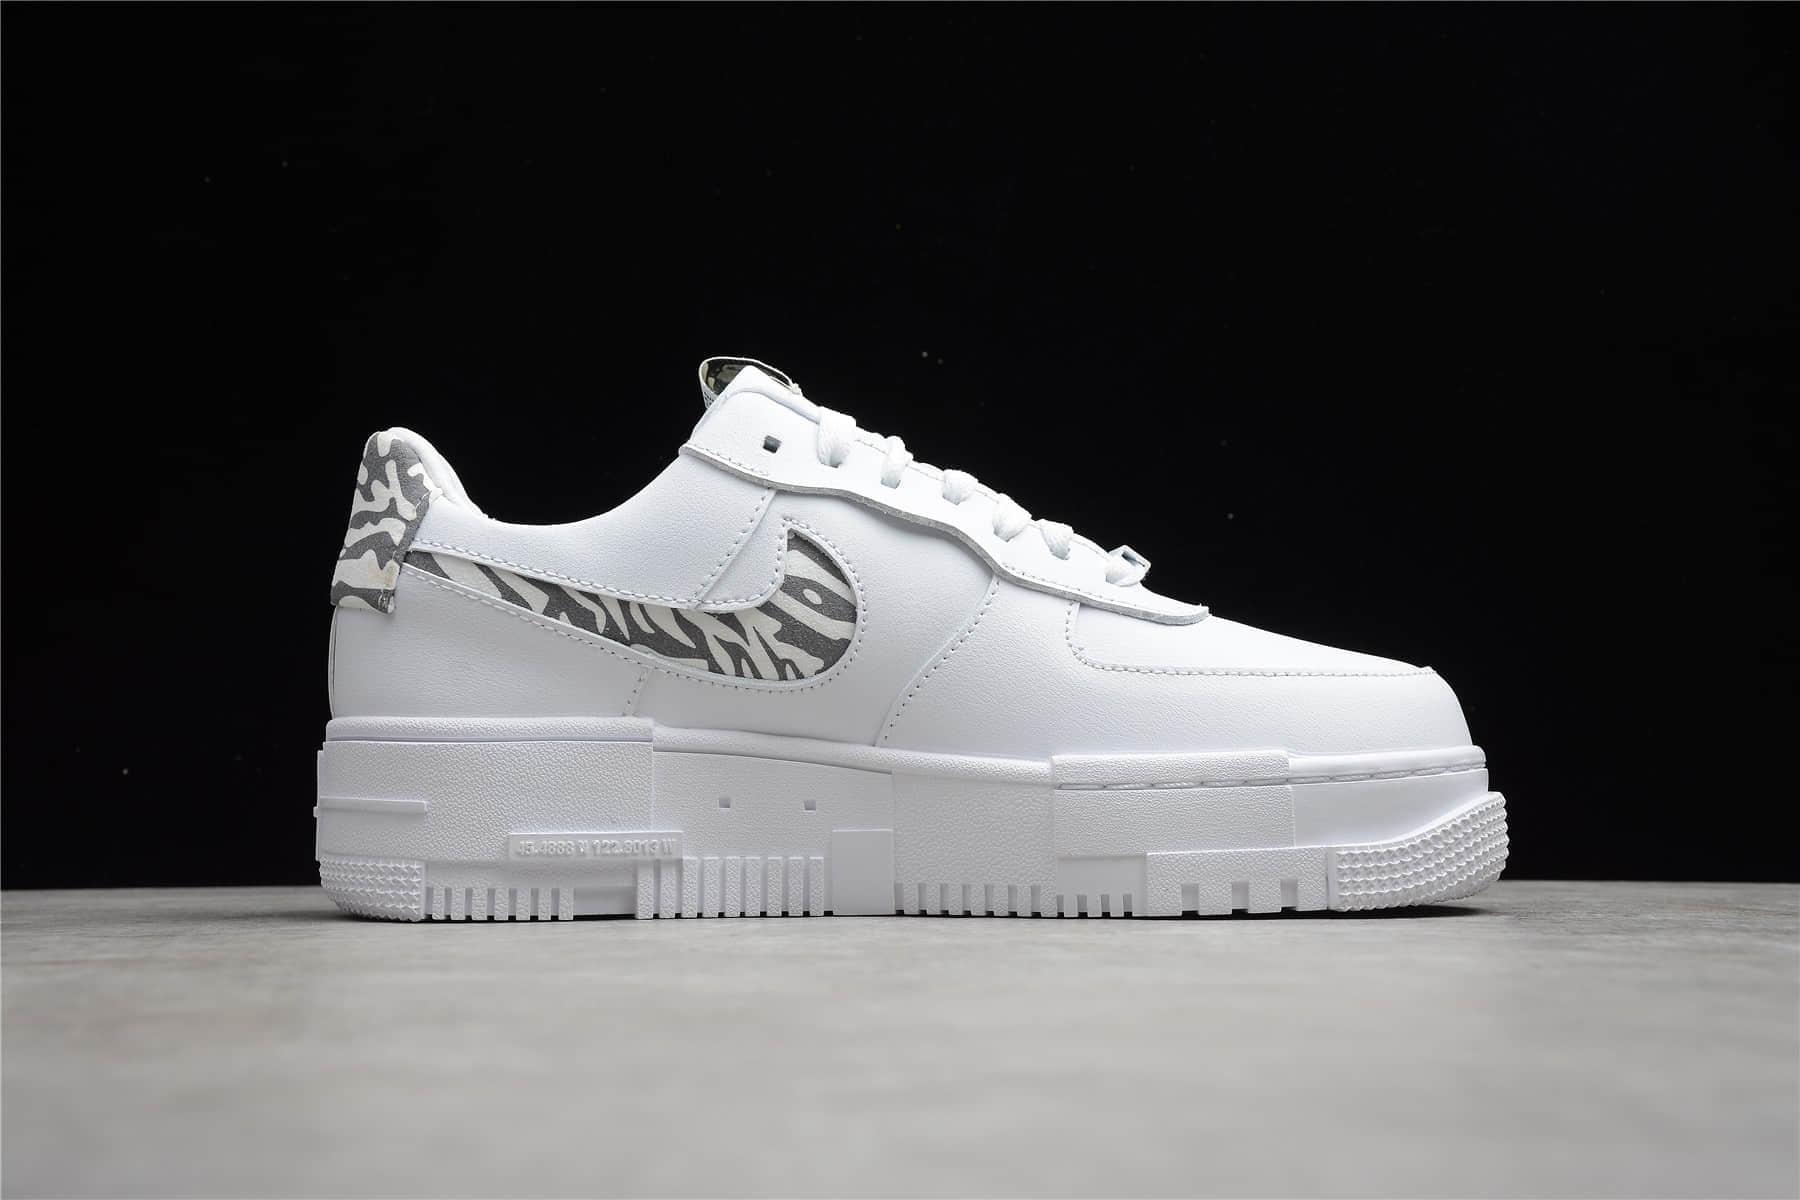 耐克空军一号像素镂空 Nike Air Force 1 Pixel Leopard 耐克空军一号斑马纹低帮 货号:DH9632-100-潮流者之家